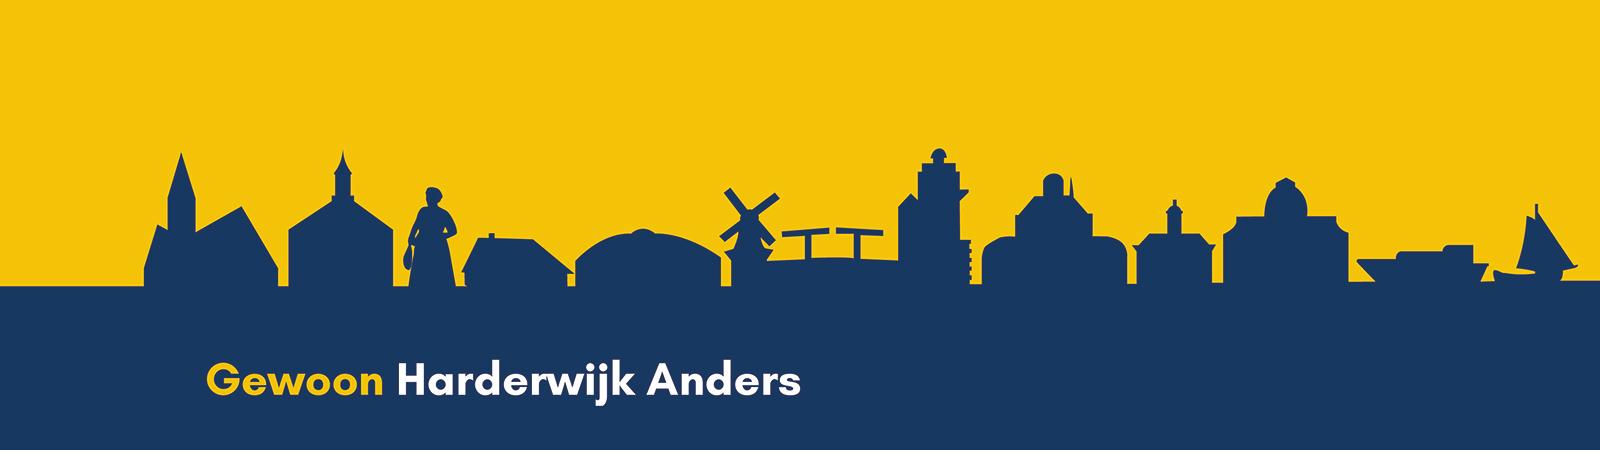 Harderwijk_Anders_Header-1600x450